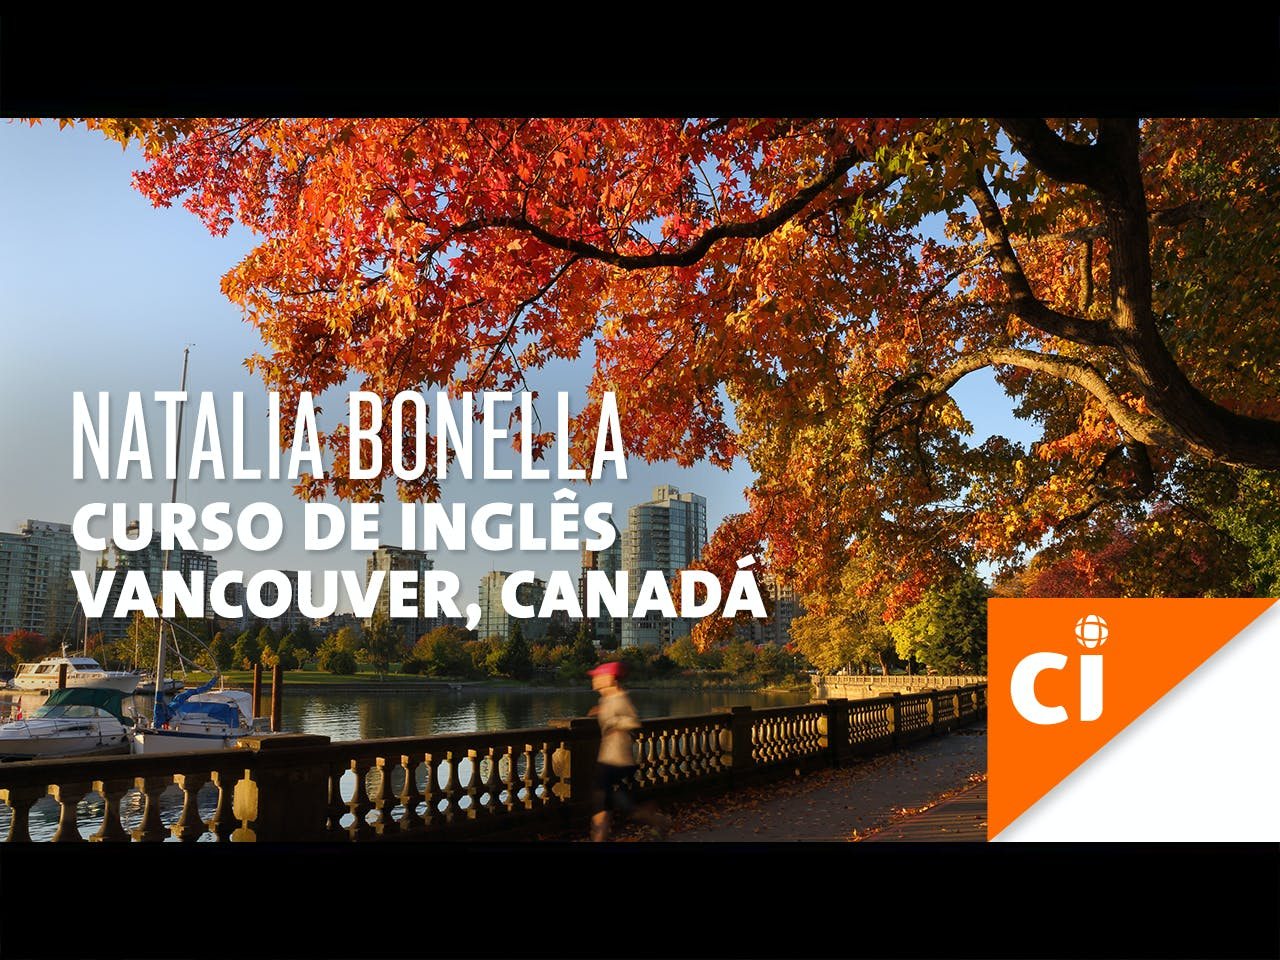 Natalia Bonella | #ViajanteCI